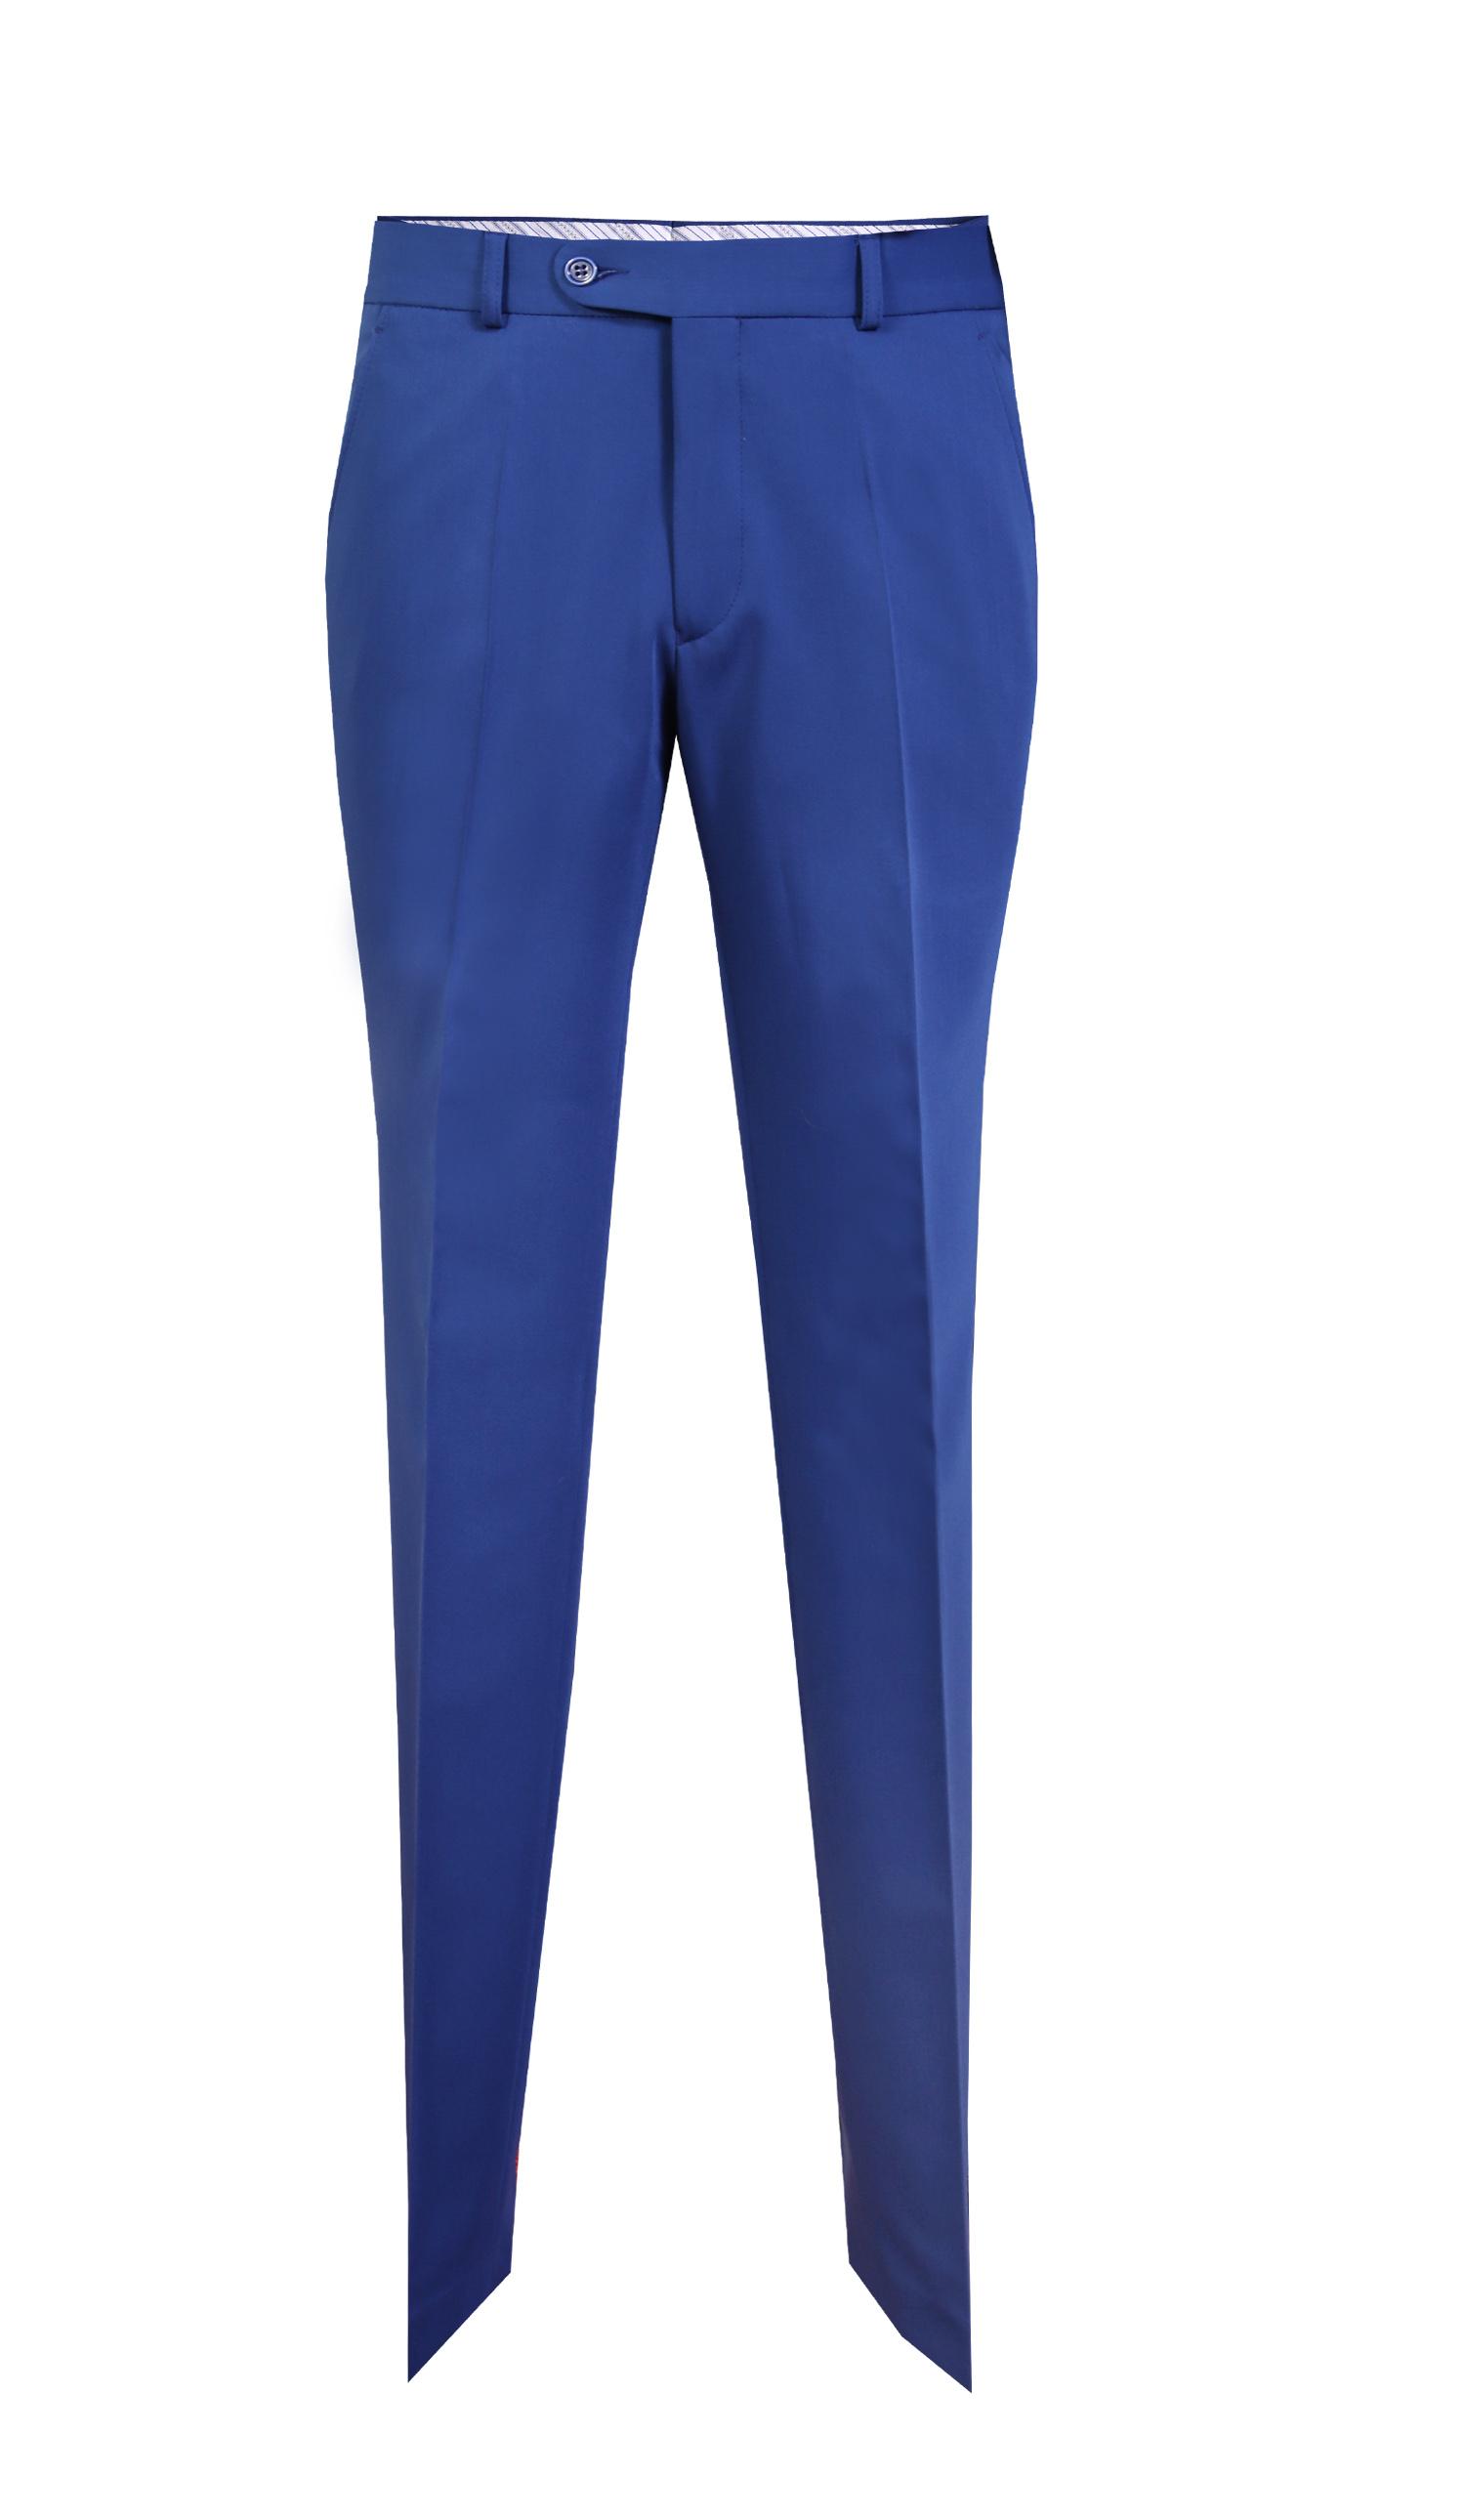 Распродажа мужских брюк доставка